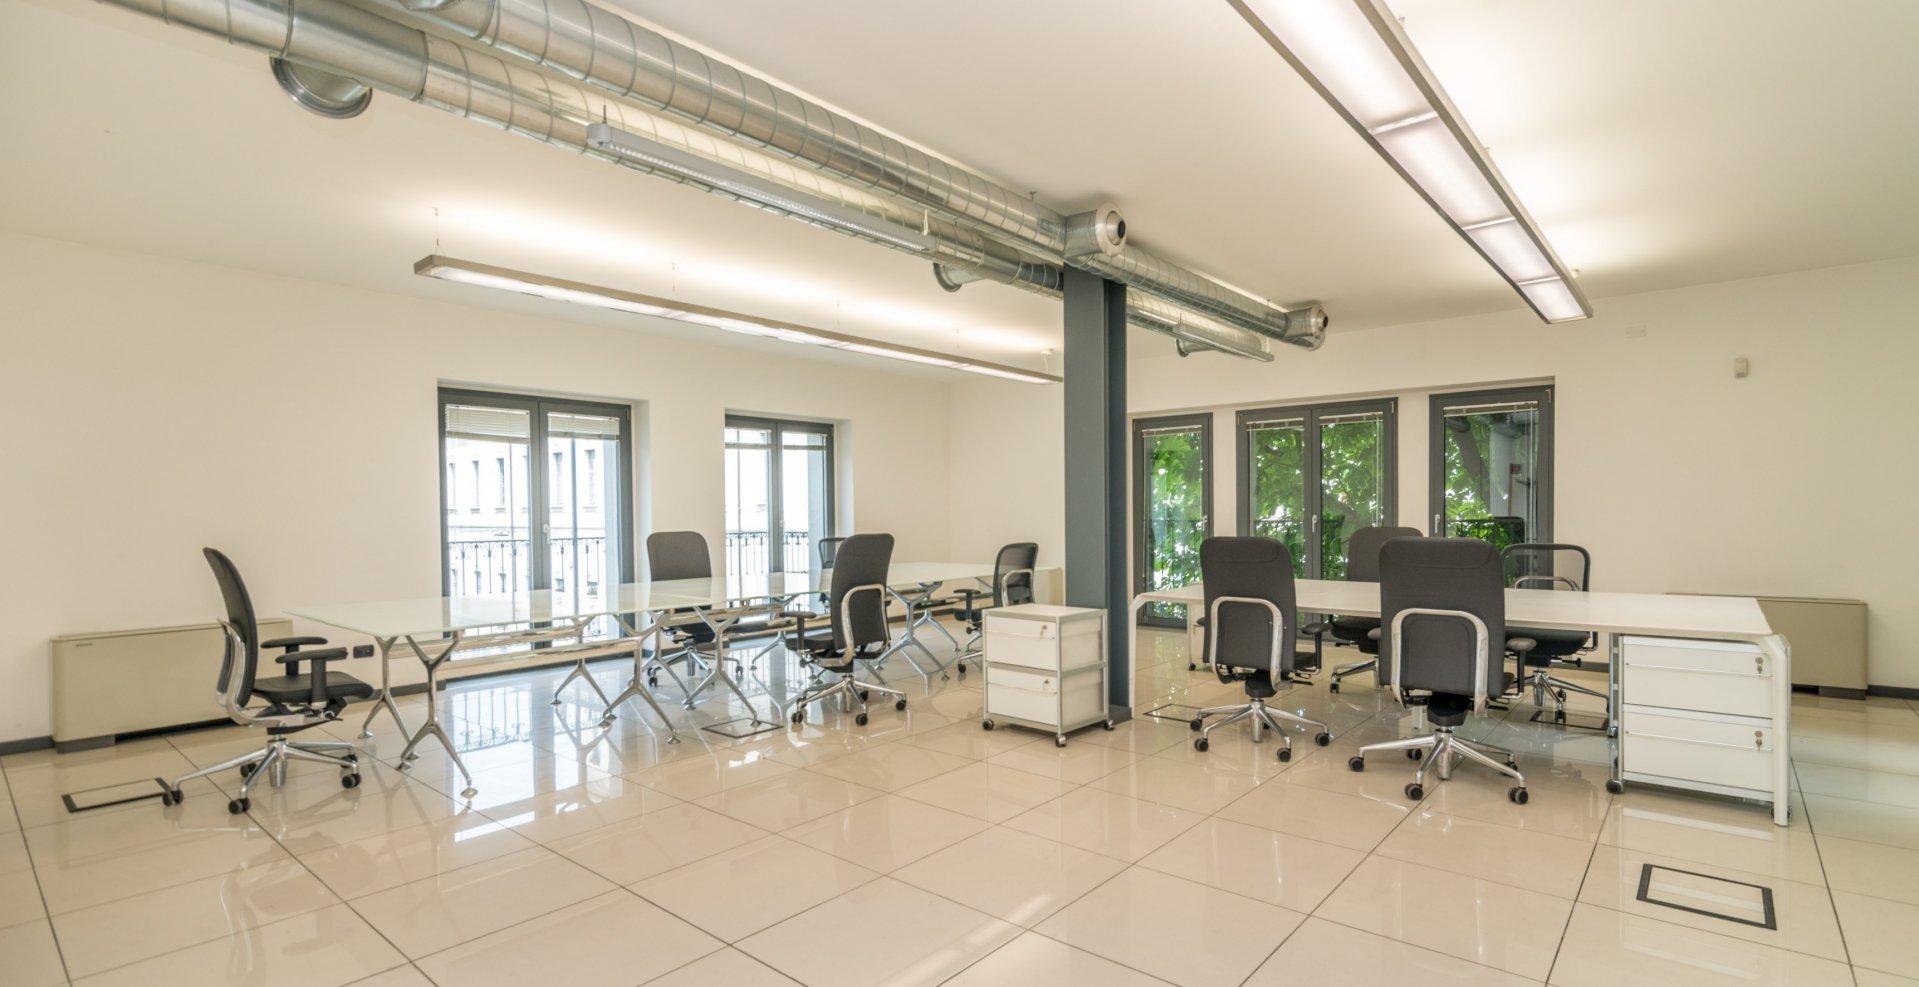 Annuncio affitto ufficio milano 20100 john taylor for Affitto ufficio